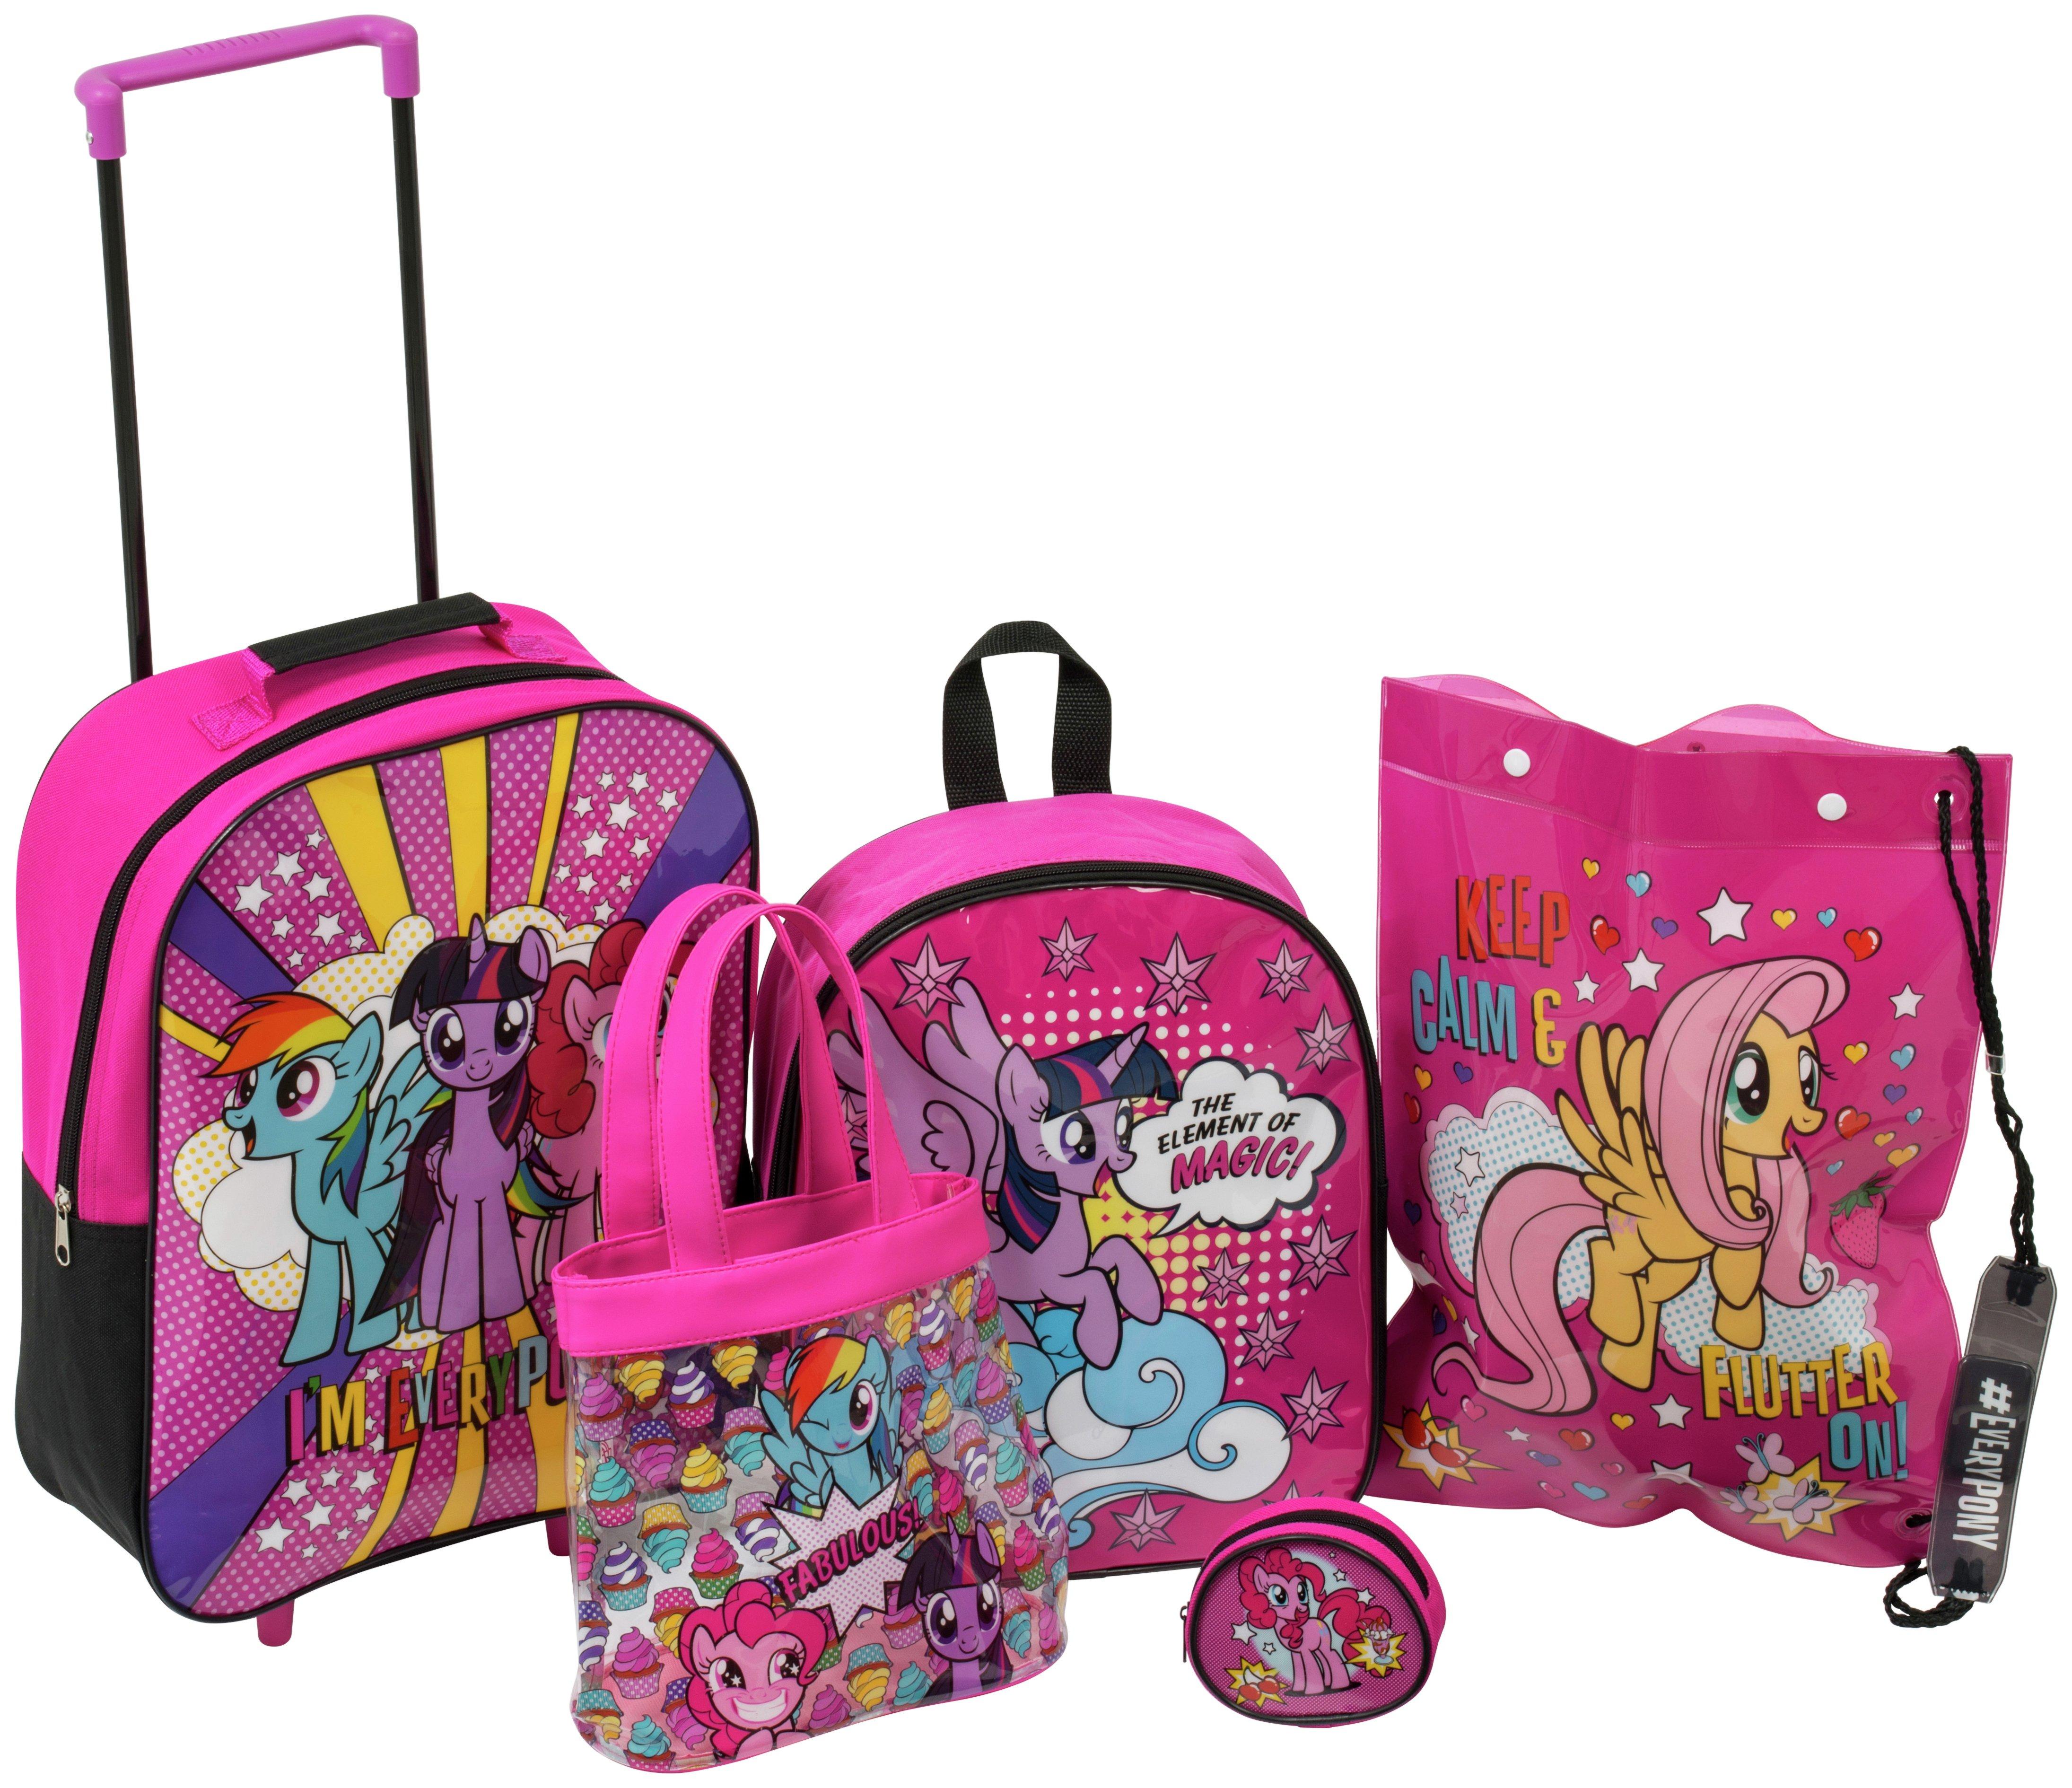 My Little Pony - 5 Piece Luggage Set lowest price